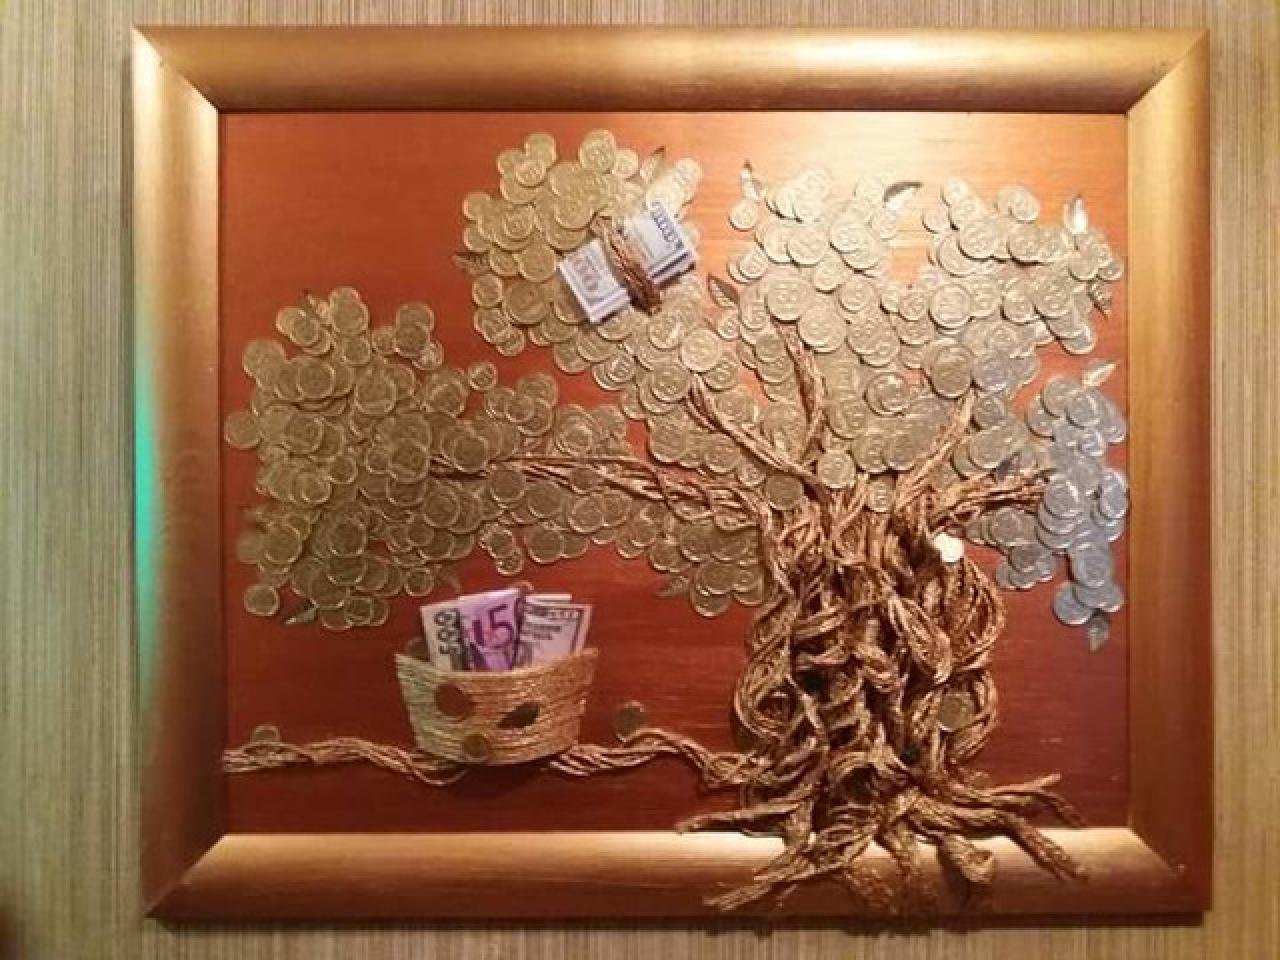 Продам эксклюзивные работы и картины ручной работы - 2